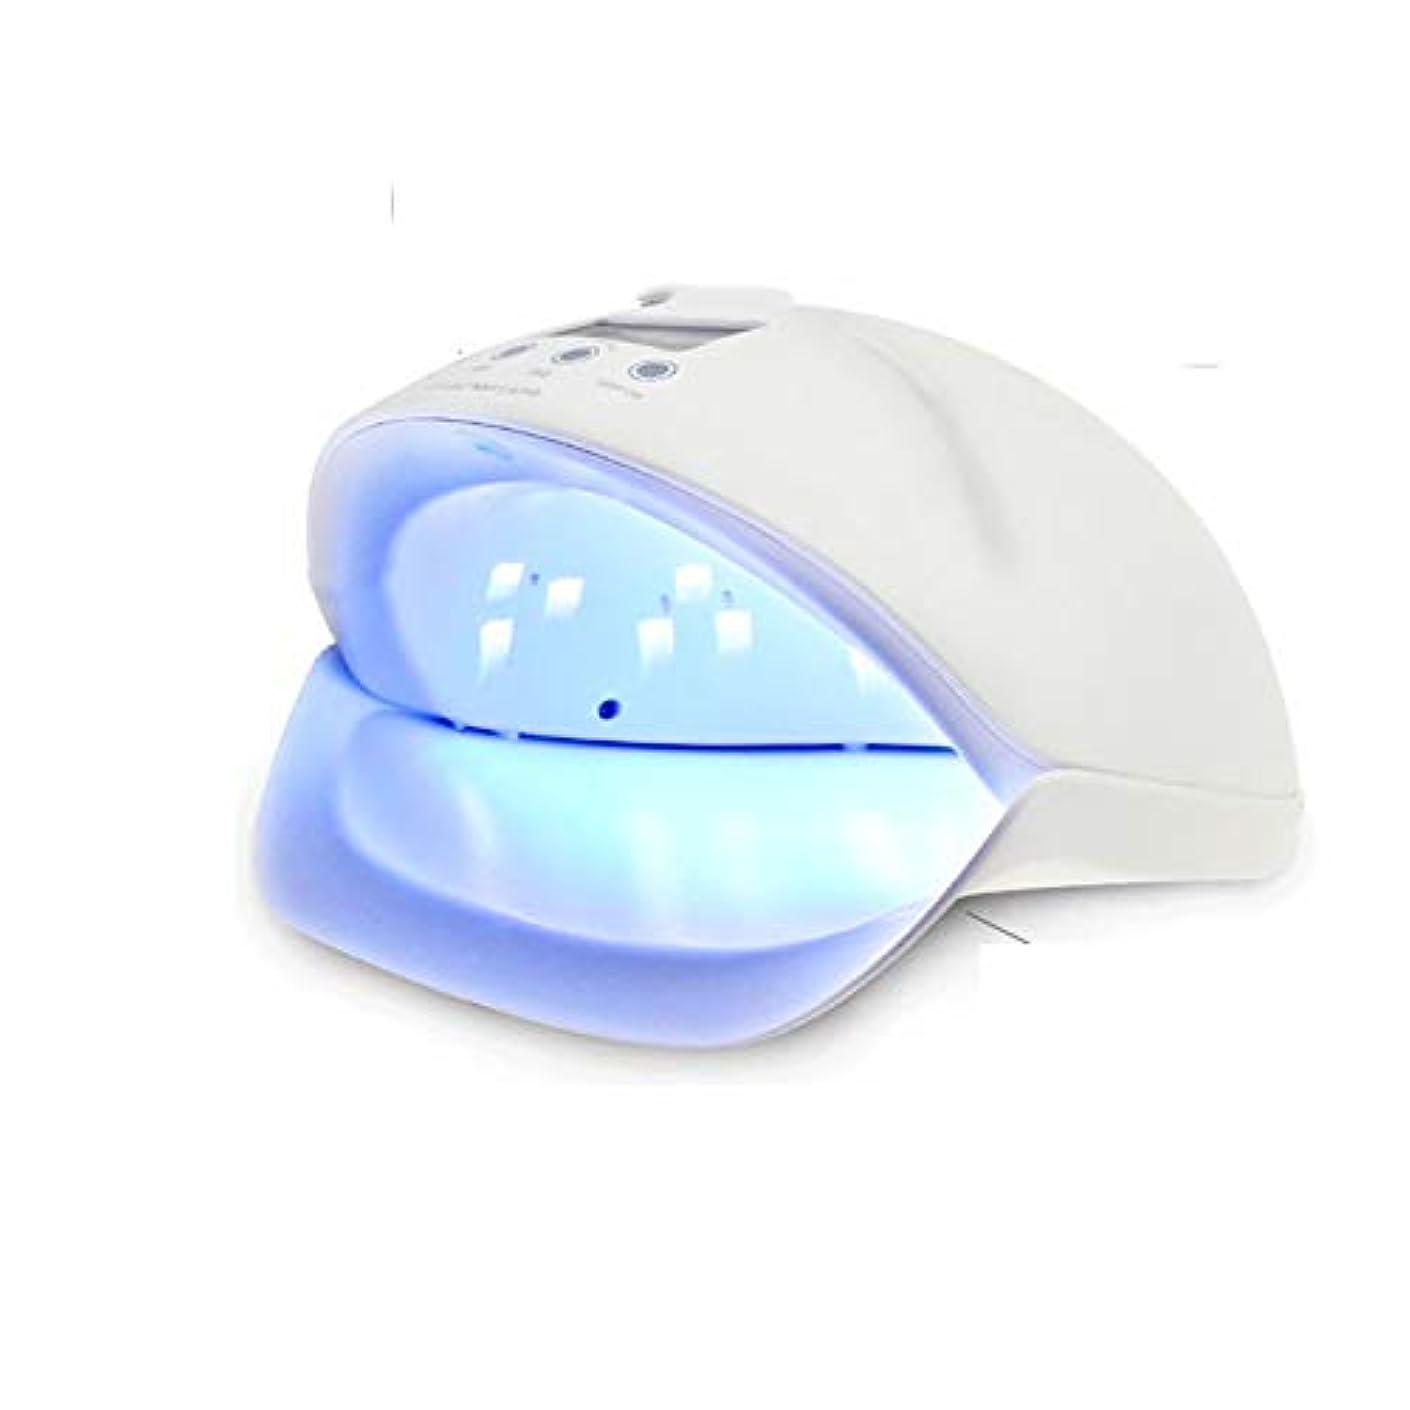 ベーカリー彼女は潜在的なネイルドライヤー - ネイル光線療法ベーキングランプ50ワットUV無痛モードLED赤外線センサーインテリジェントネイルマシン